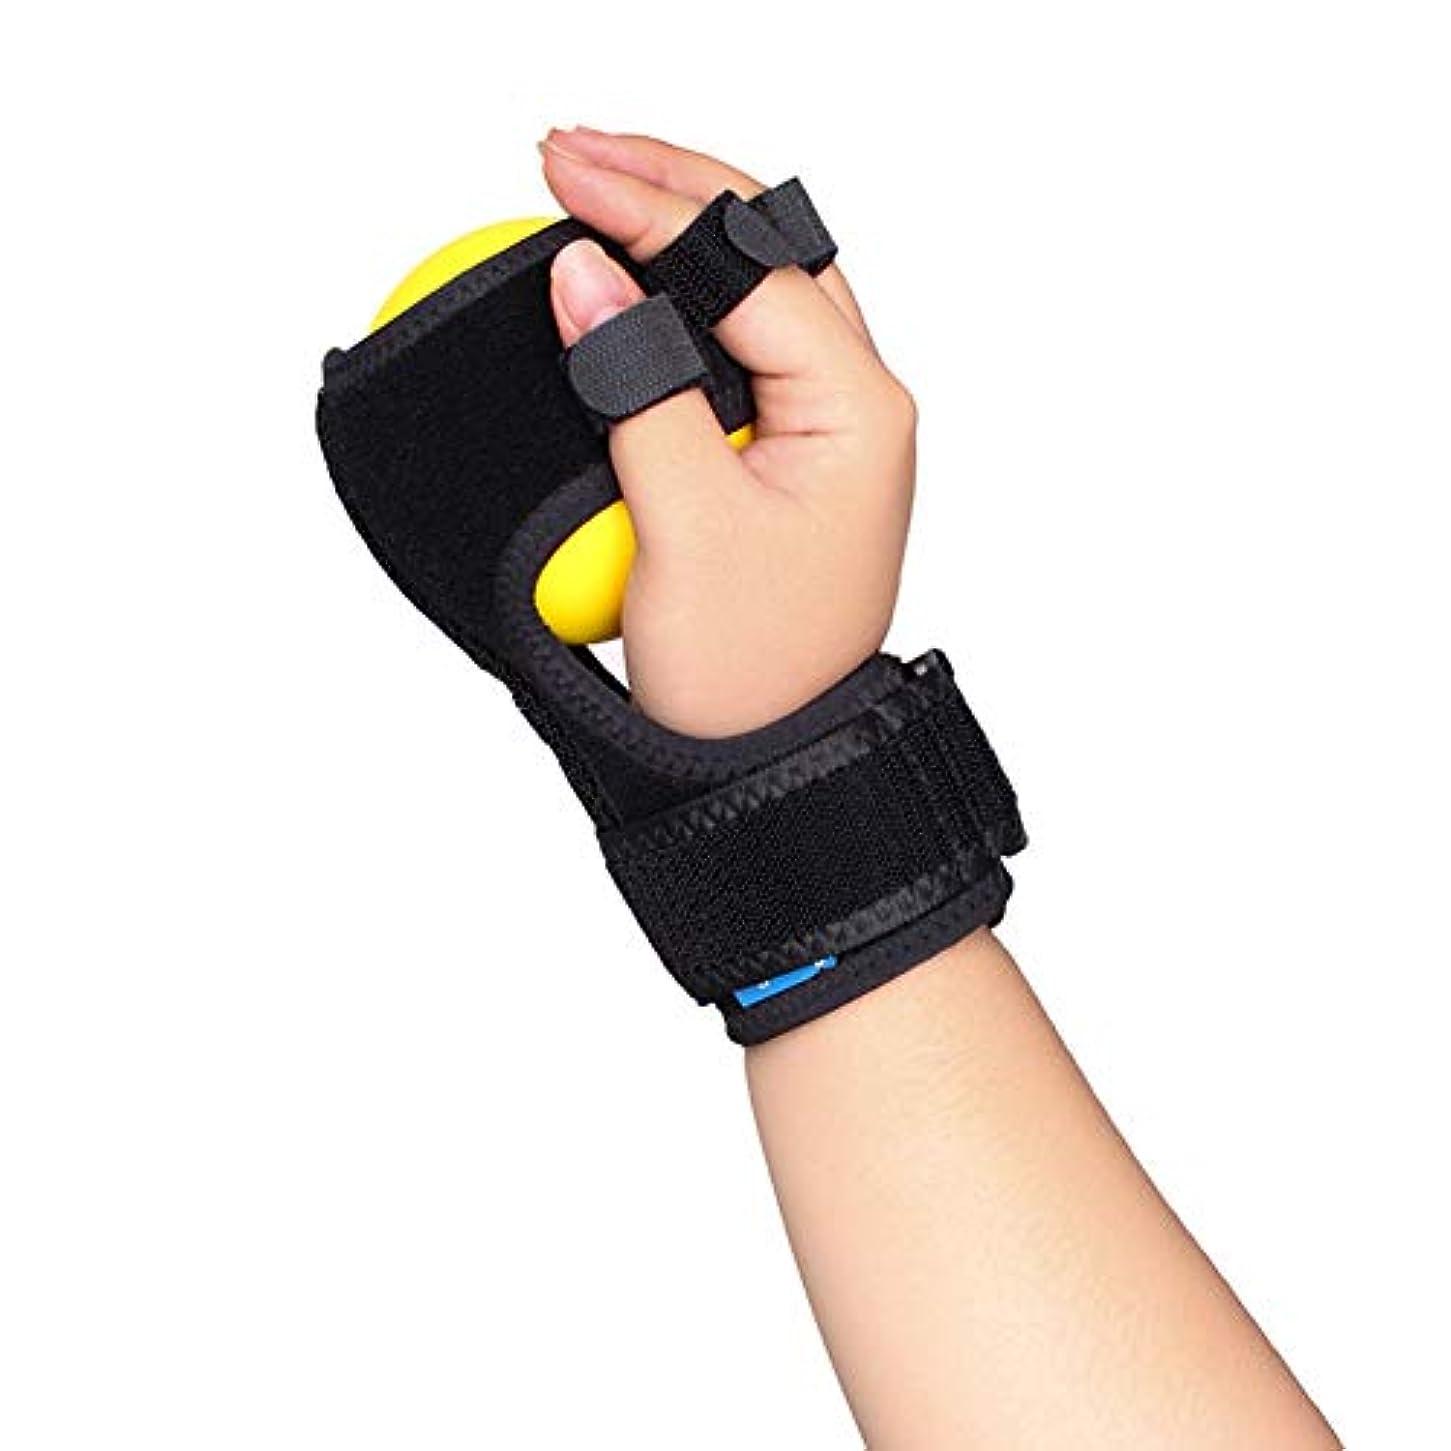 申し立て蛇行傭兵脳卒中リハビリテーション関節炎手袋マレットブレーストリガー指関節炎と靭帯の痛みを軽減するブレースコレクター